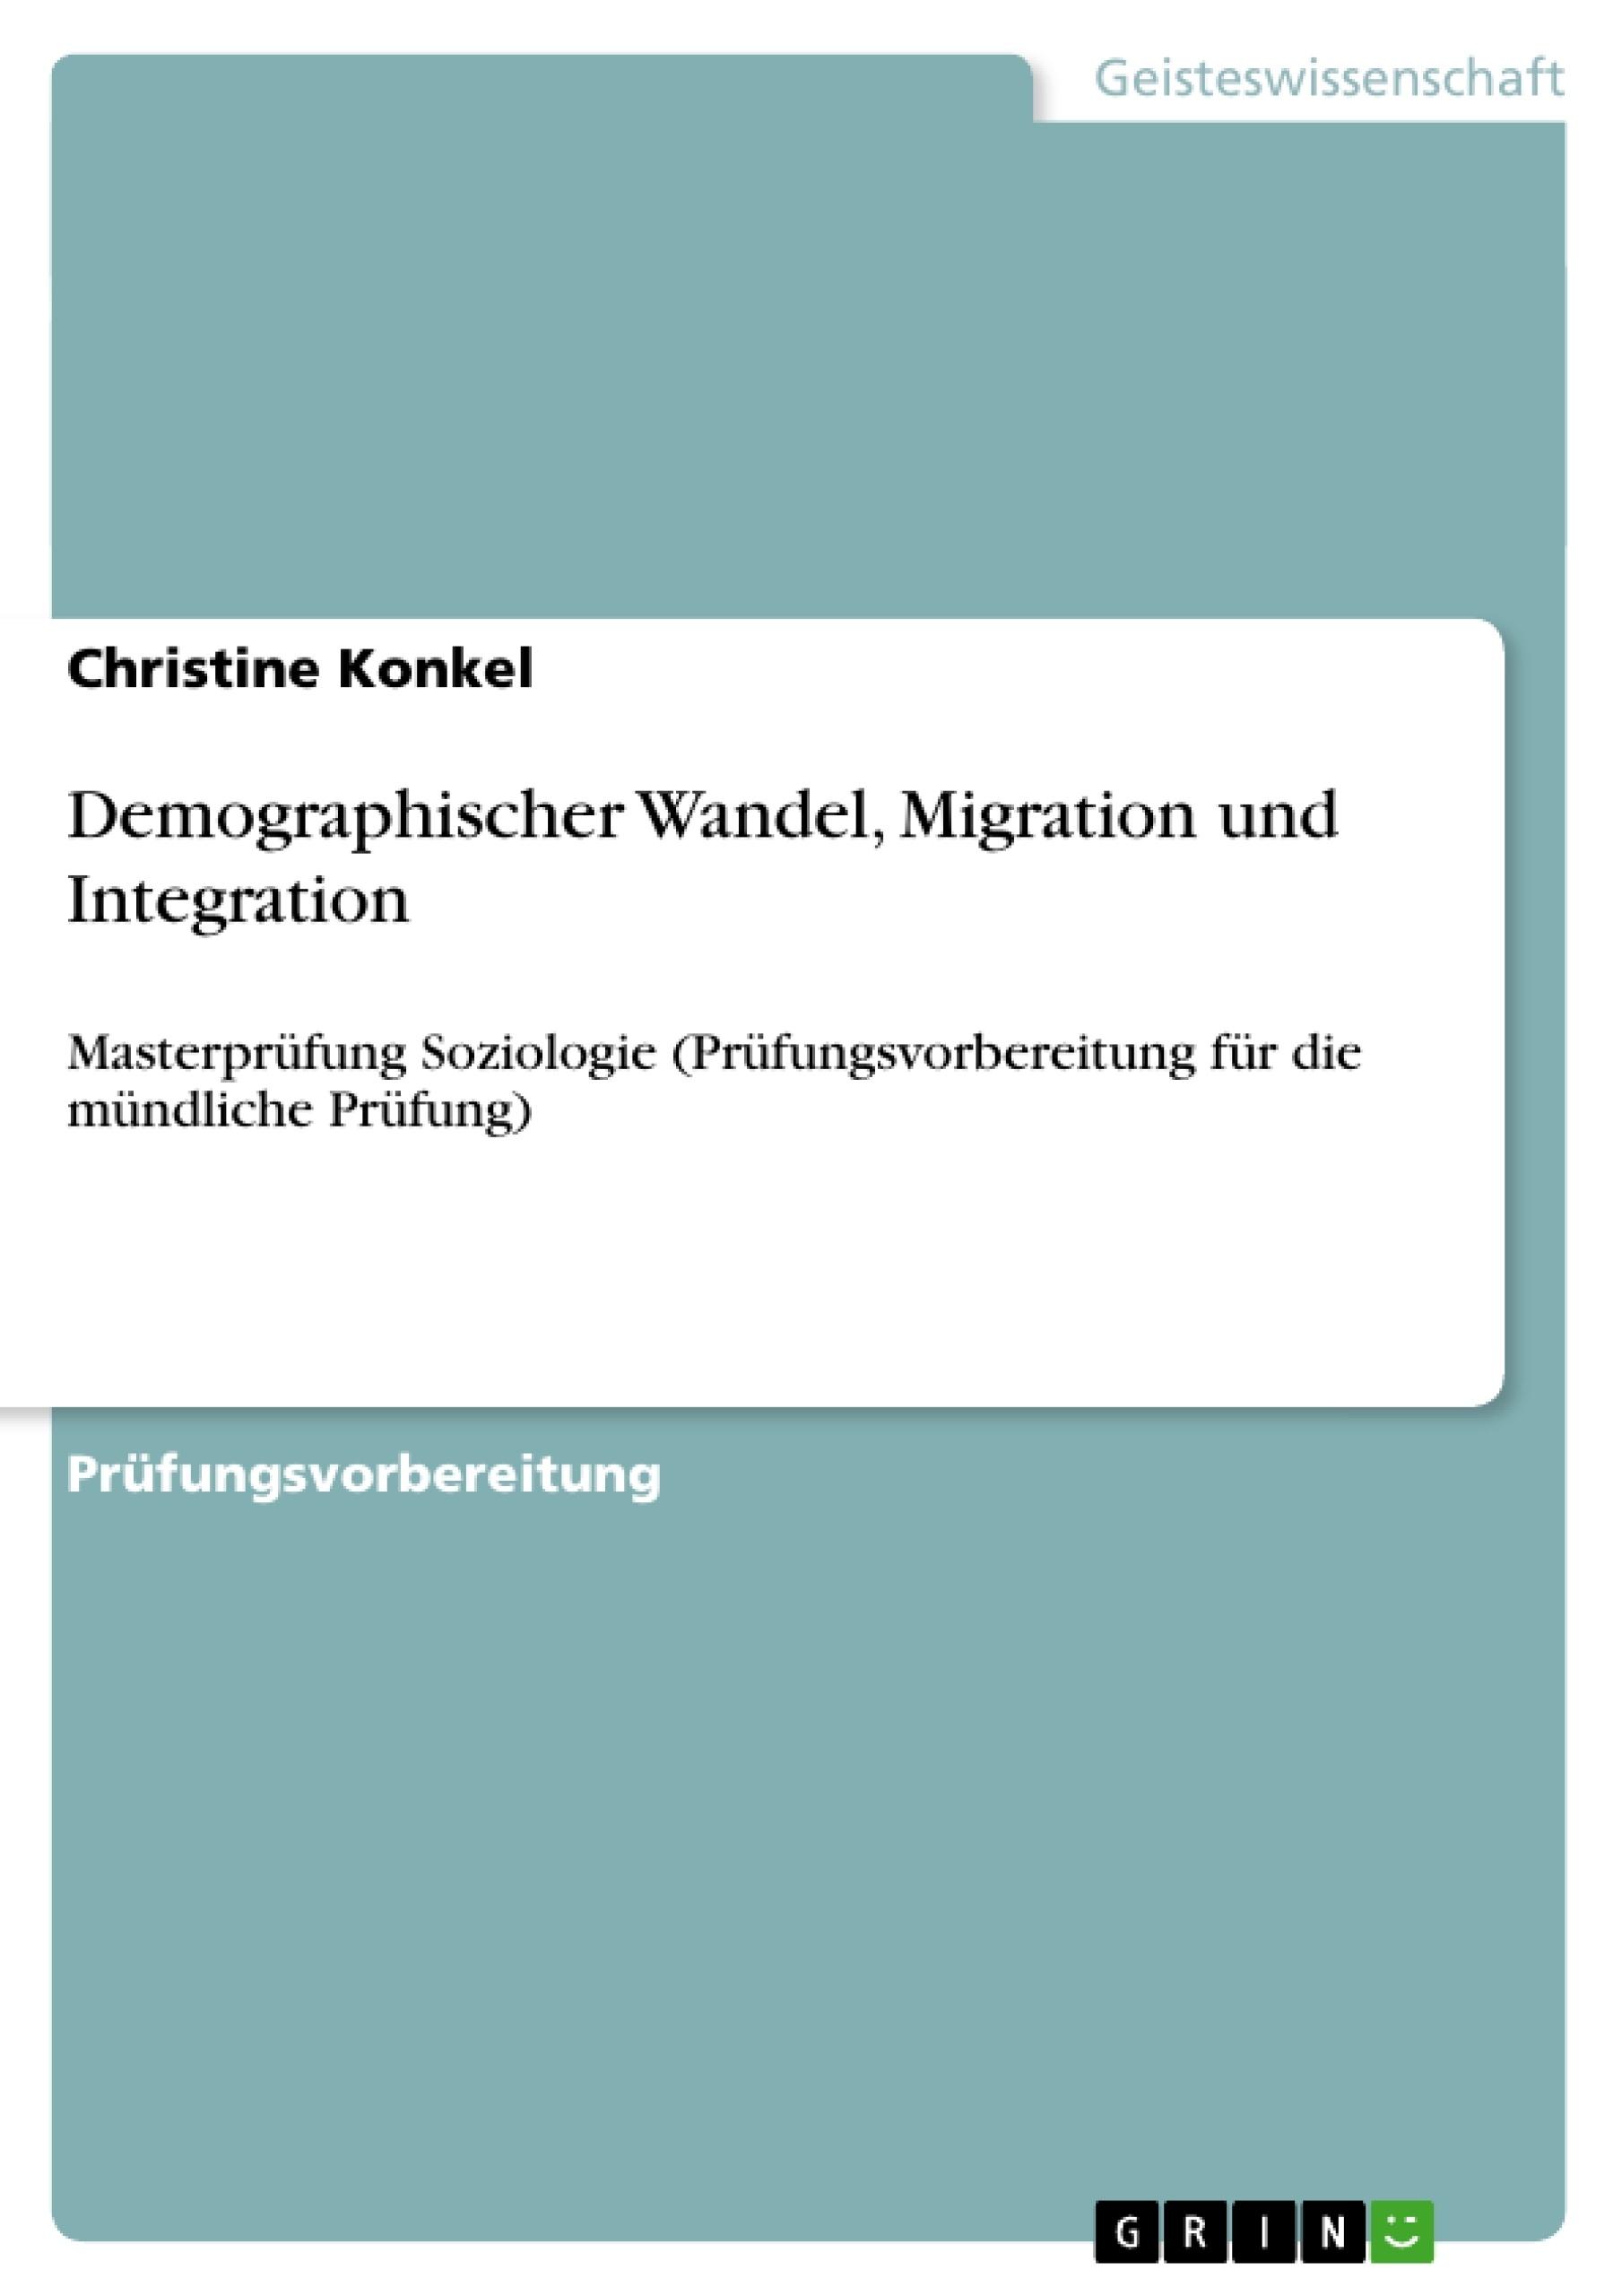 Titel: Demographischer Wandel, Migration und Integration